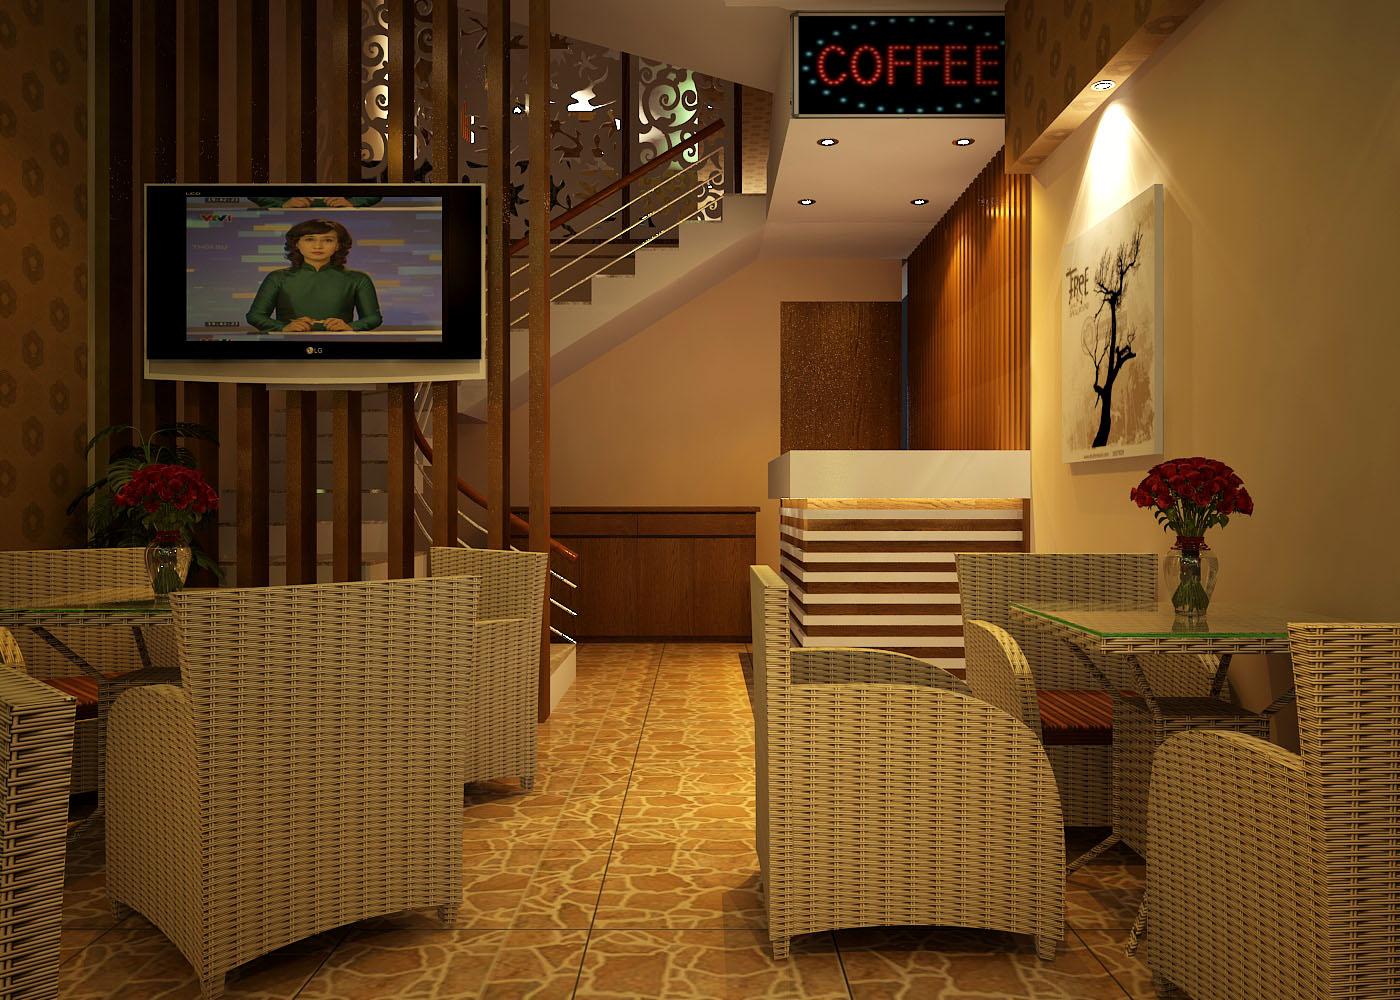 Dịch vụ tư vấn thiết kế cafe ở biệt thự độc đáo, ấn tượng